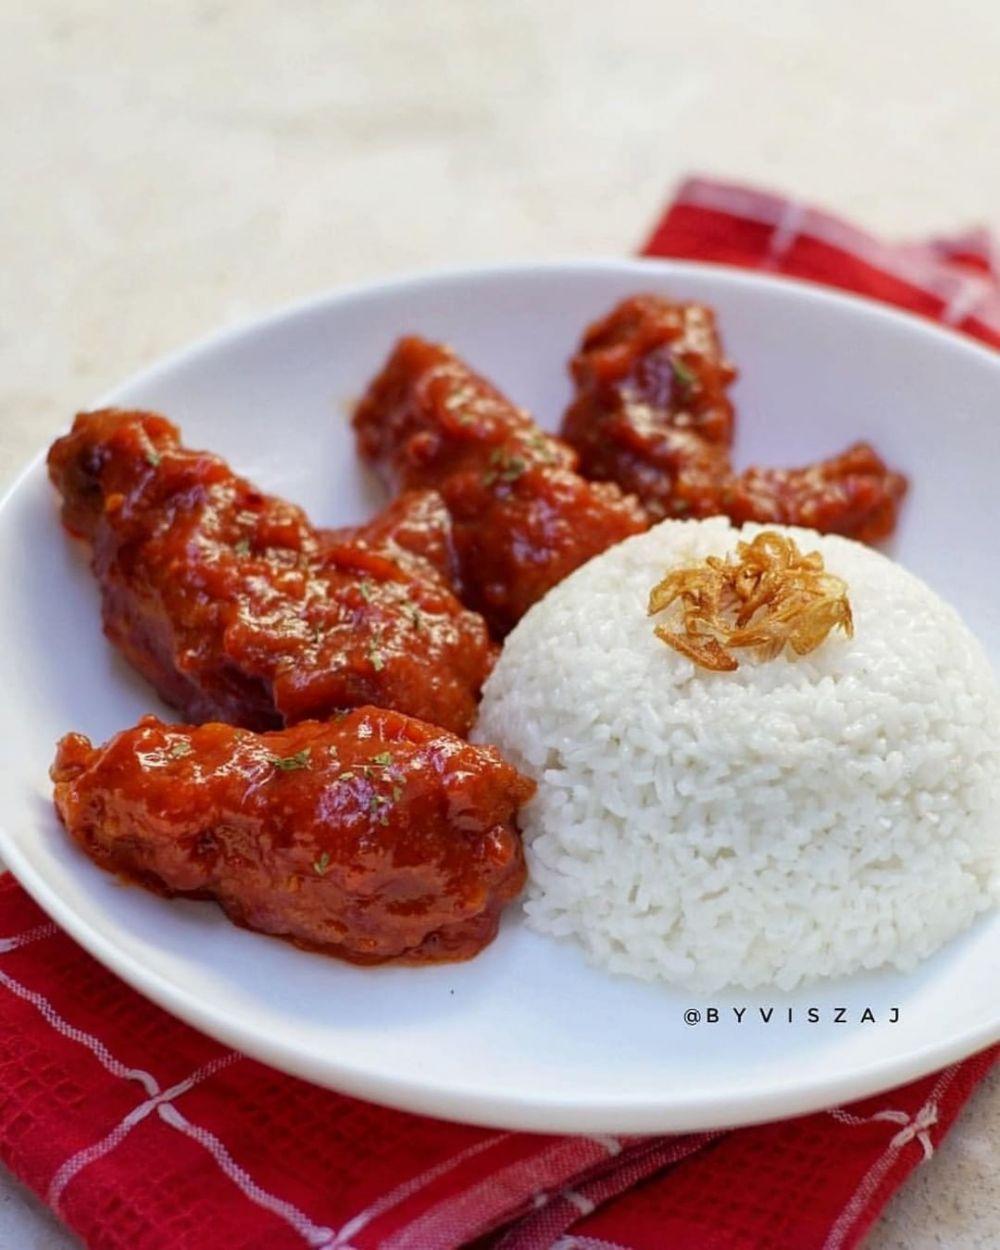 Resep Ayam Kekinian Instagram Resepmasakanrumah Kumpulanresepmasak Resep Ayam Sayap Ayam Resep Makanan